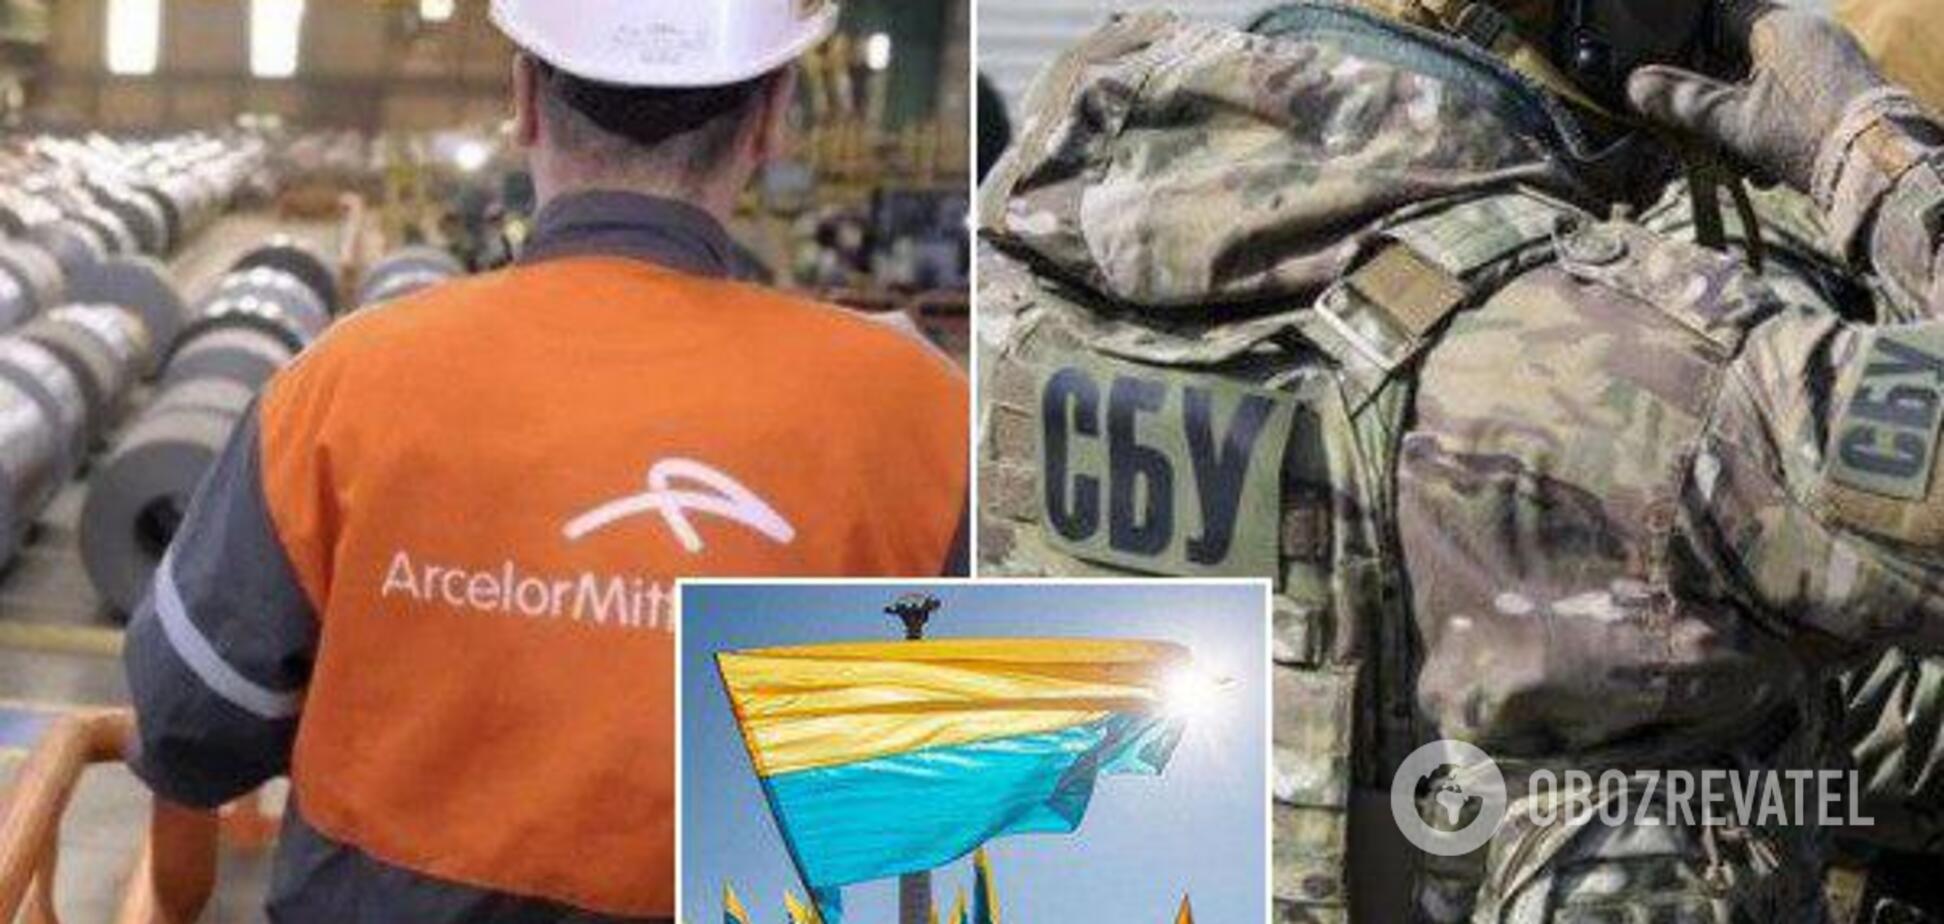 Домовилися із Зеленським: на ArcelorMittal владнали конфлікт із СБУ